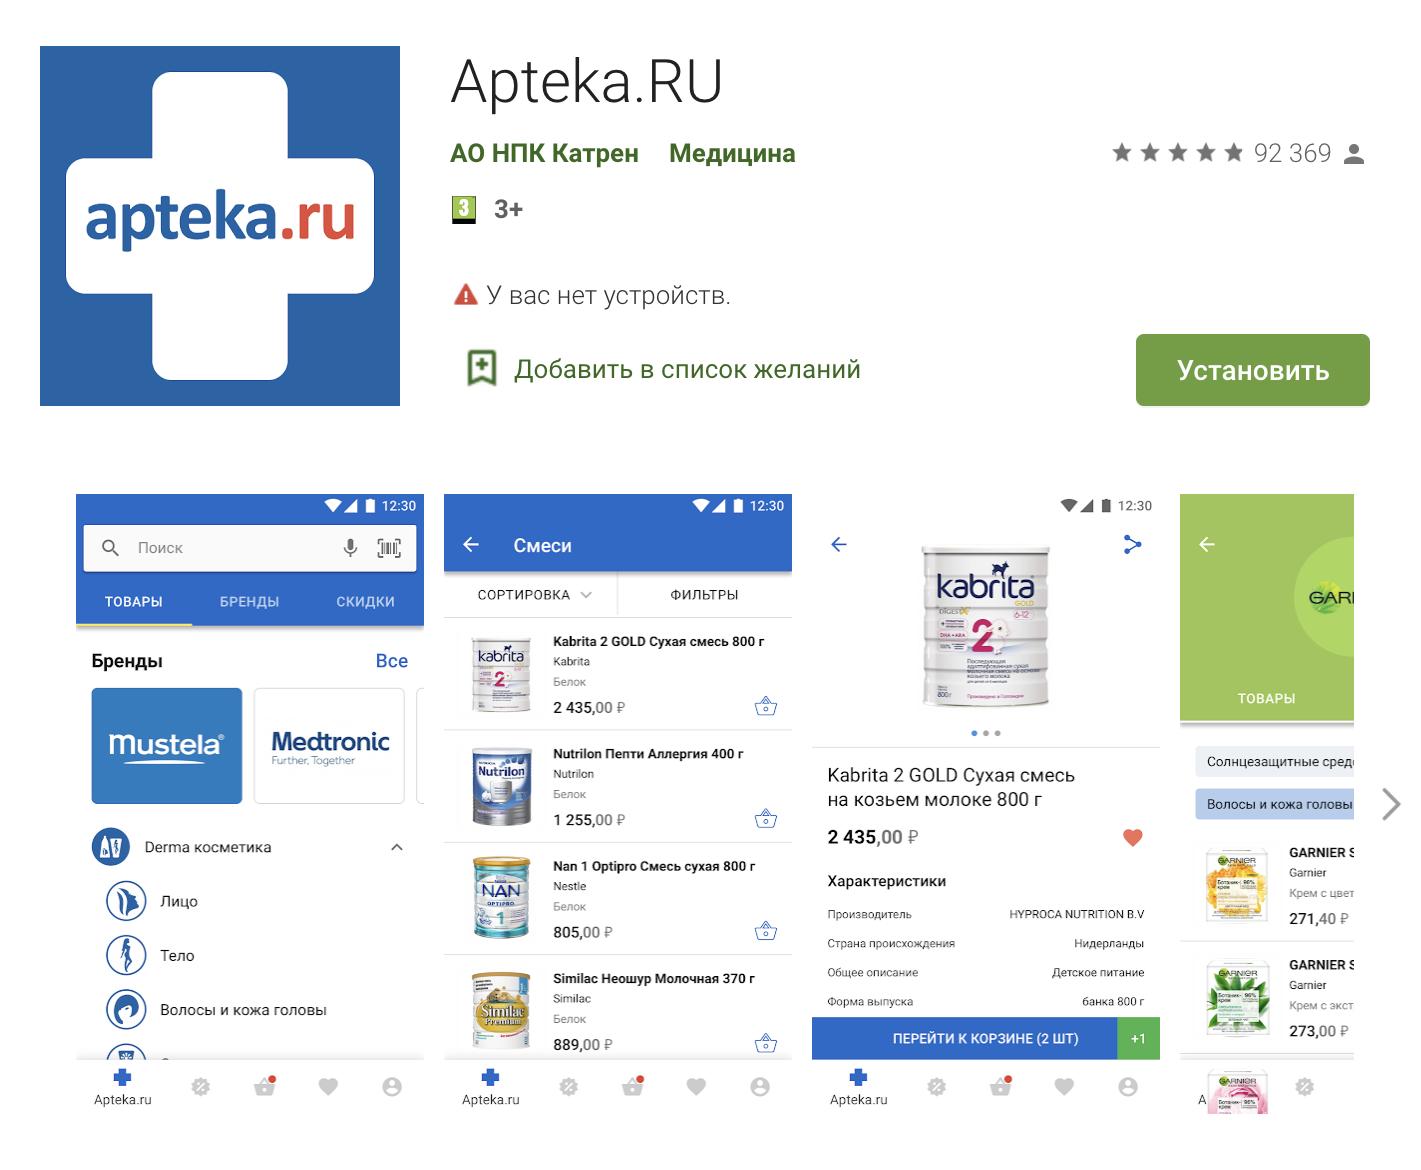 приложение Apteka.ru